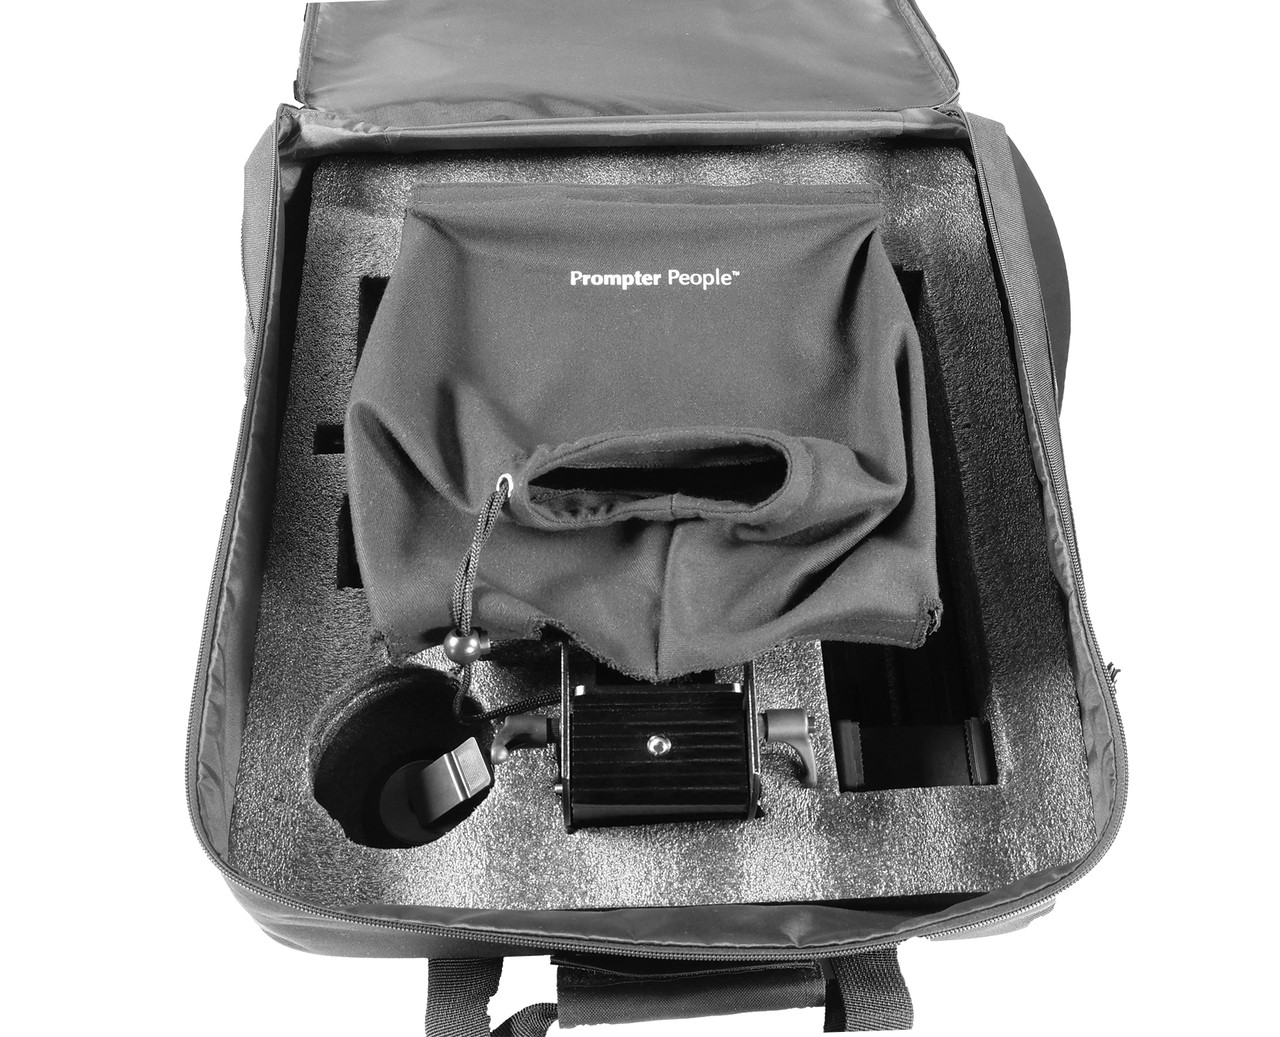 Prompter Pal Soft Bag Inside